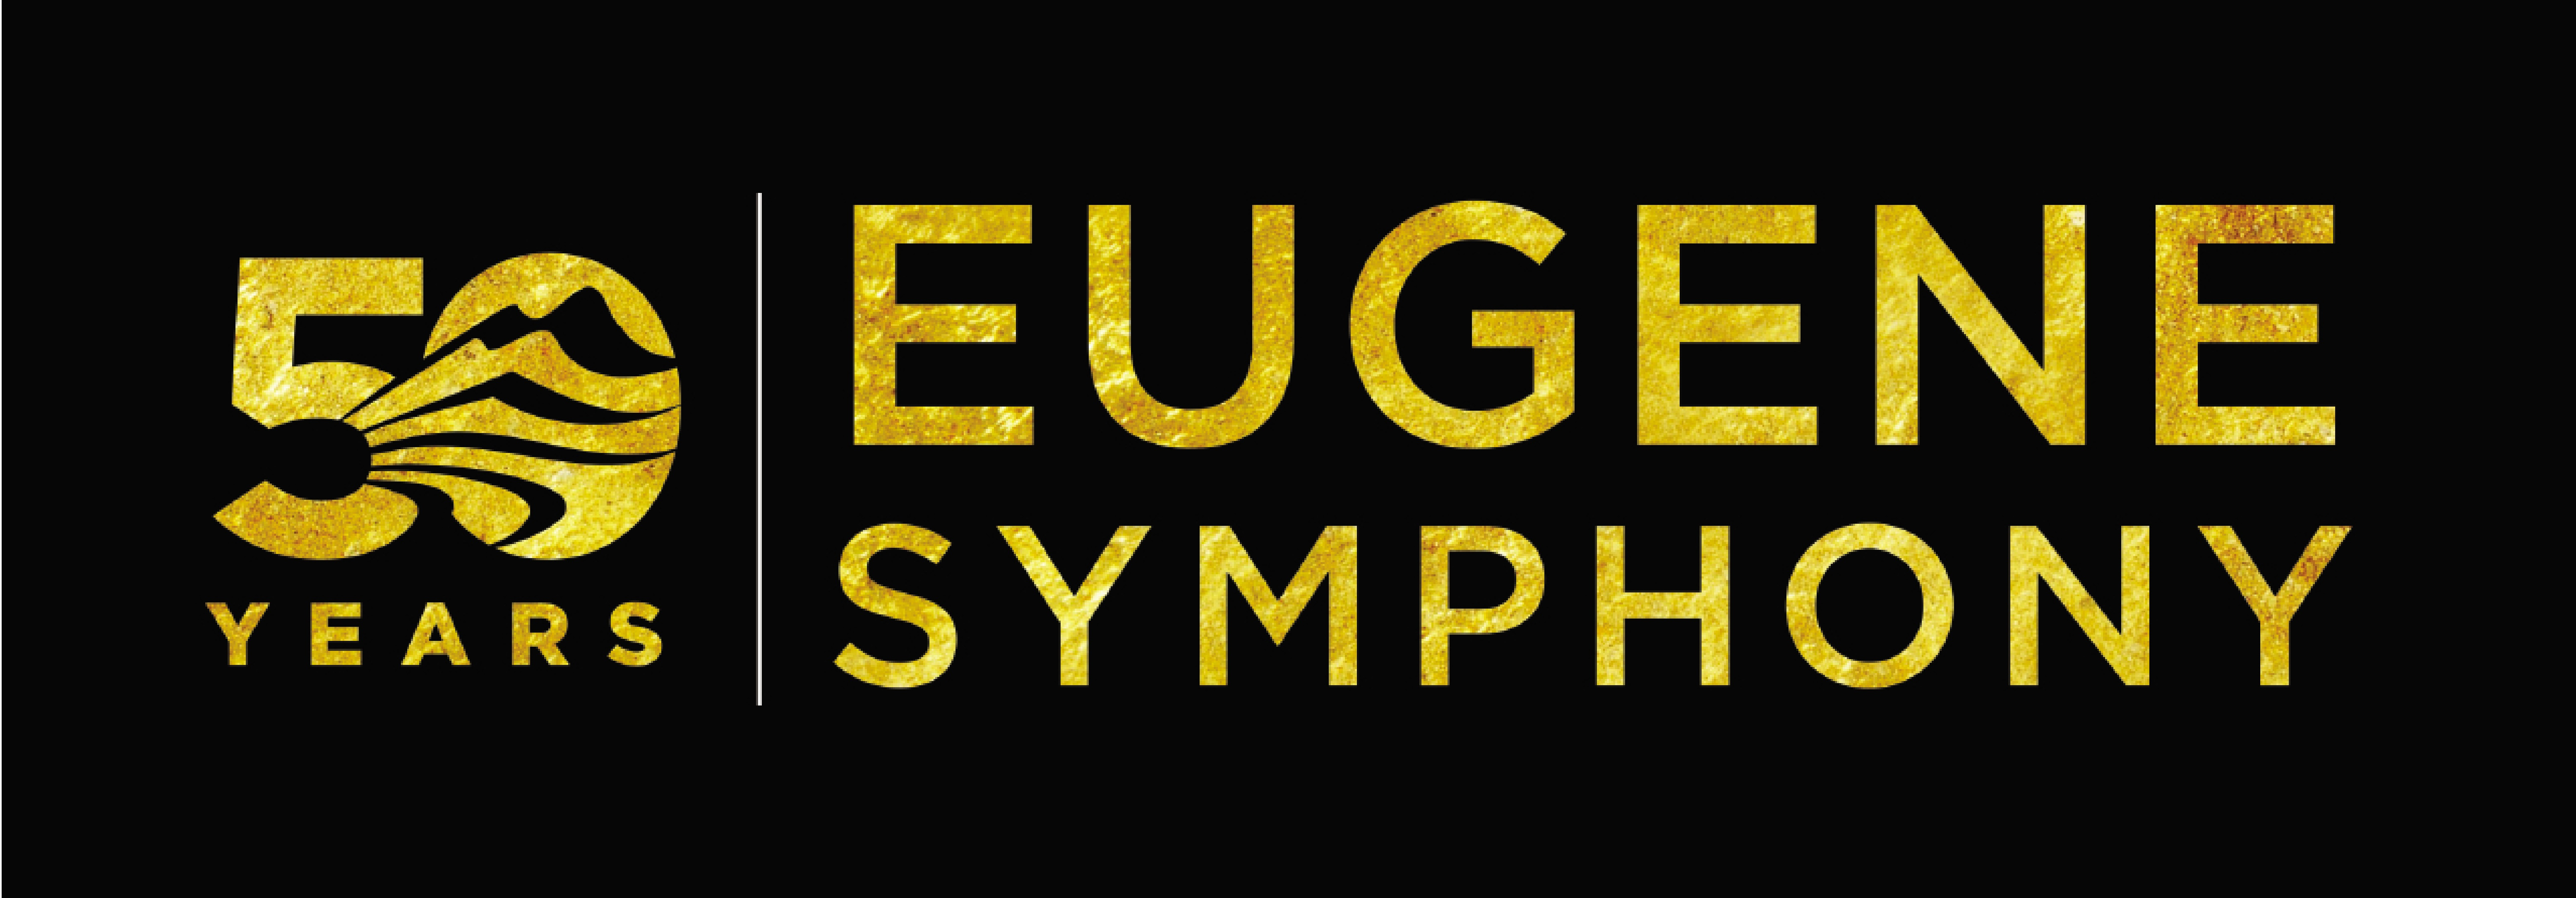 Eugene Symphony 50 years